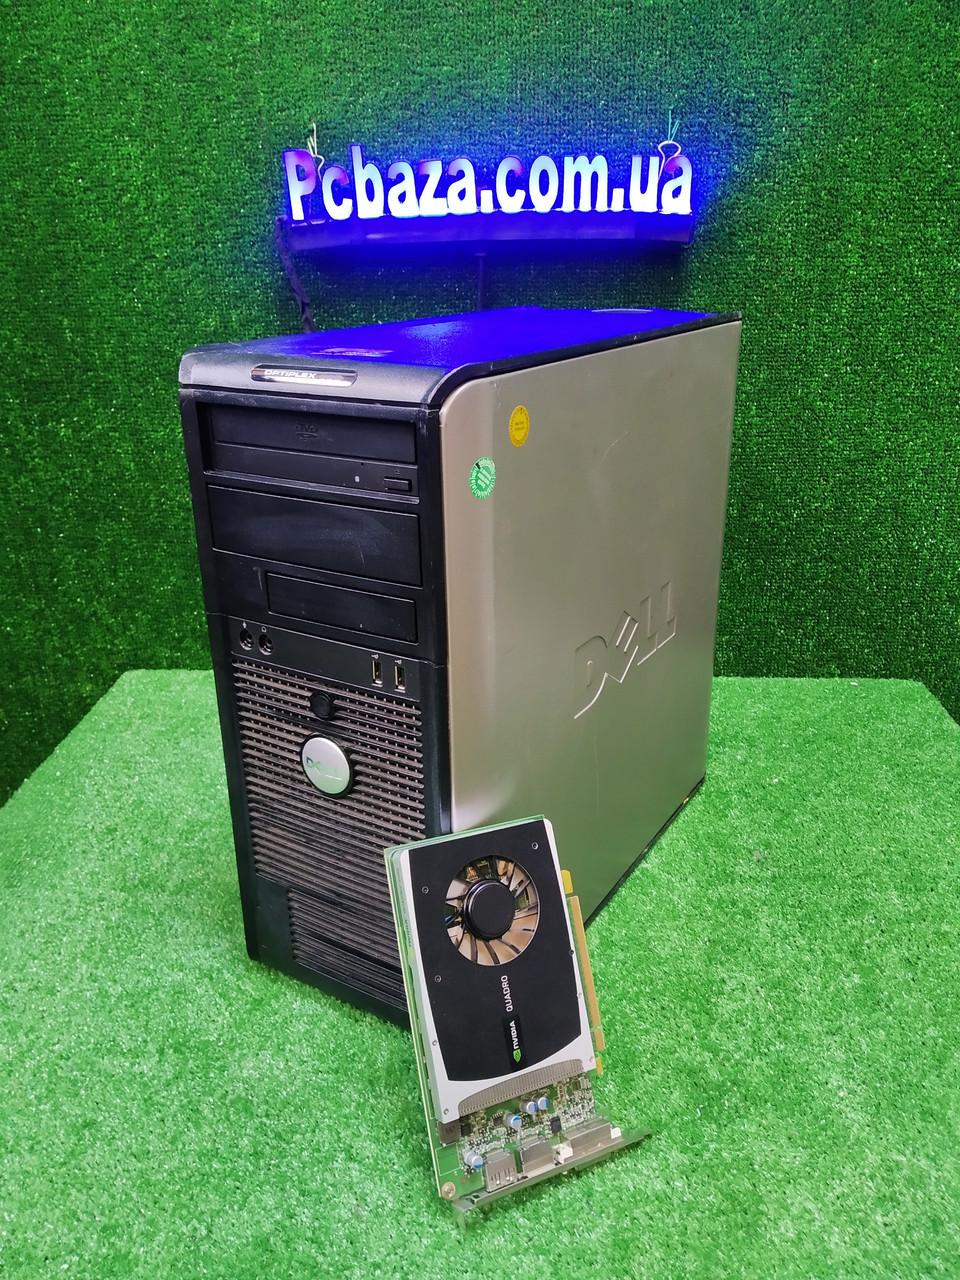 ПК Dell для игр и 3D графики, Intel 4 ядра, 6 ГБ, 250 ГБ, Nvidia Quadro 2000(GTS 450) Настроен!